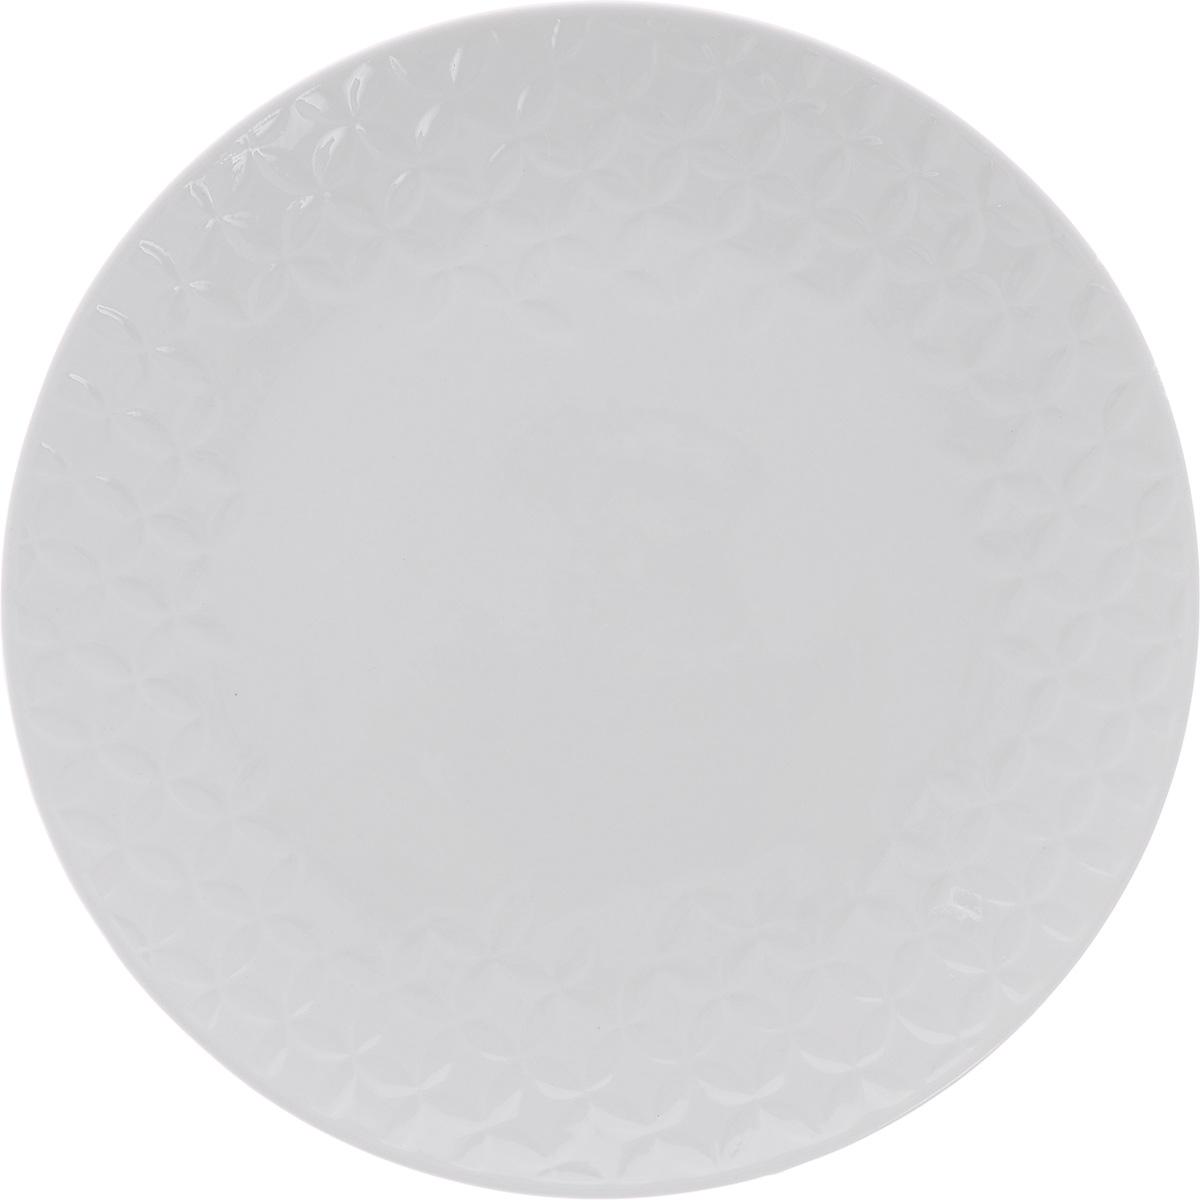 Тарелка десертная Walmer Quincy, цвет: белый, диаметр 21 смW07530021Десертная тарелка Walmer Quincy выполнена из высококачественного фарфора. Изящный дизайн придется по вкусу и ценителям классики, и тем, кто предпочитает утонченность. Тарелка Walmer Quincy, идеально подойдет для сервировки стола и станет отличным подарком к любому празднику. Можно использовать в микроволновой печи и мыть в посудомоечных машинах.